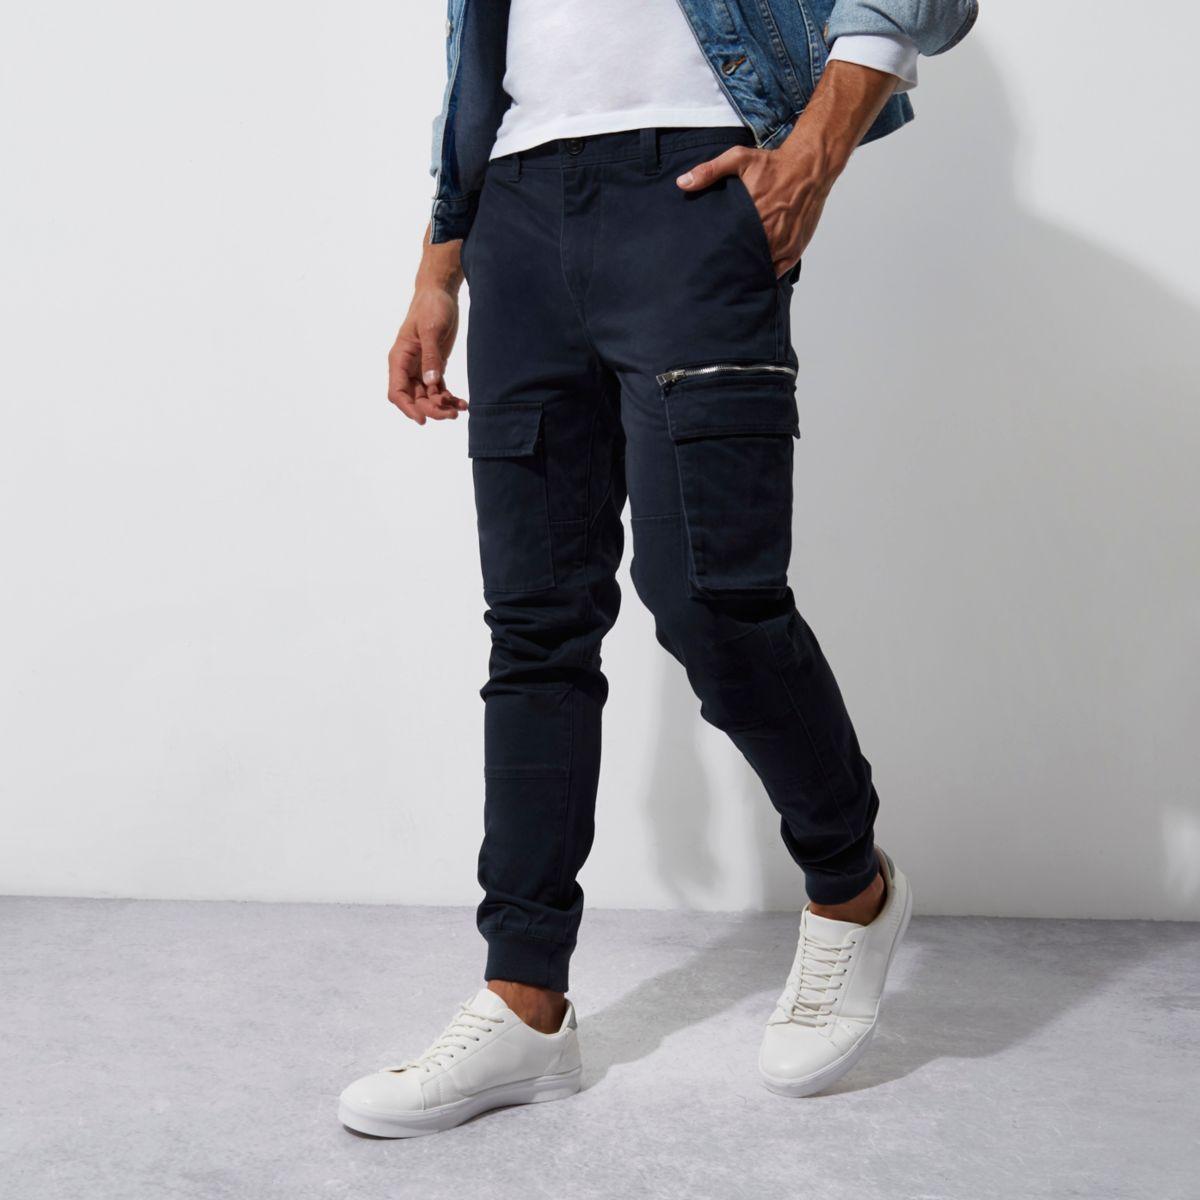 River Island Jeans Herren